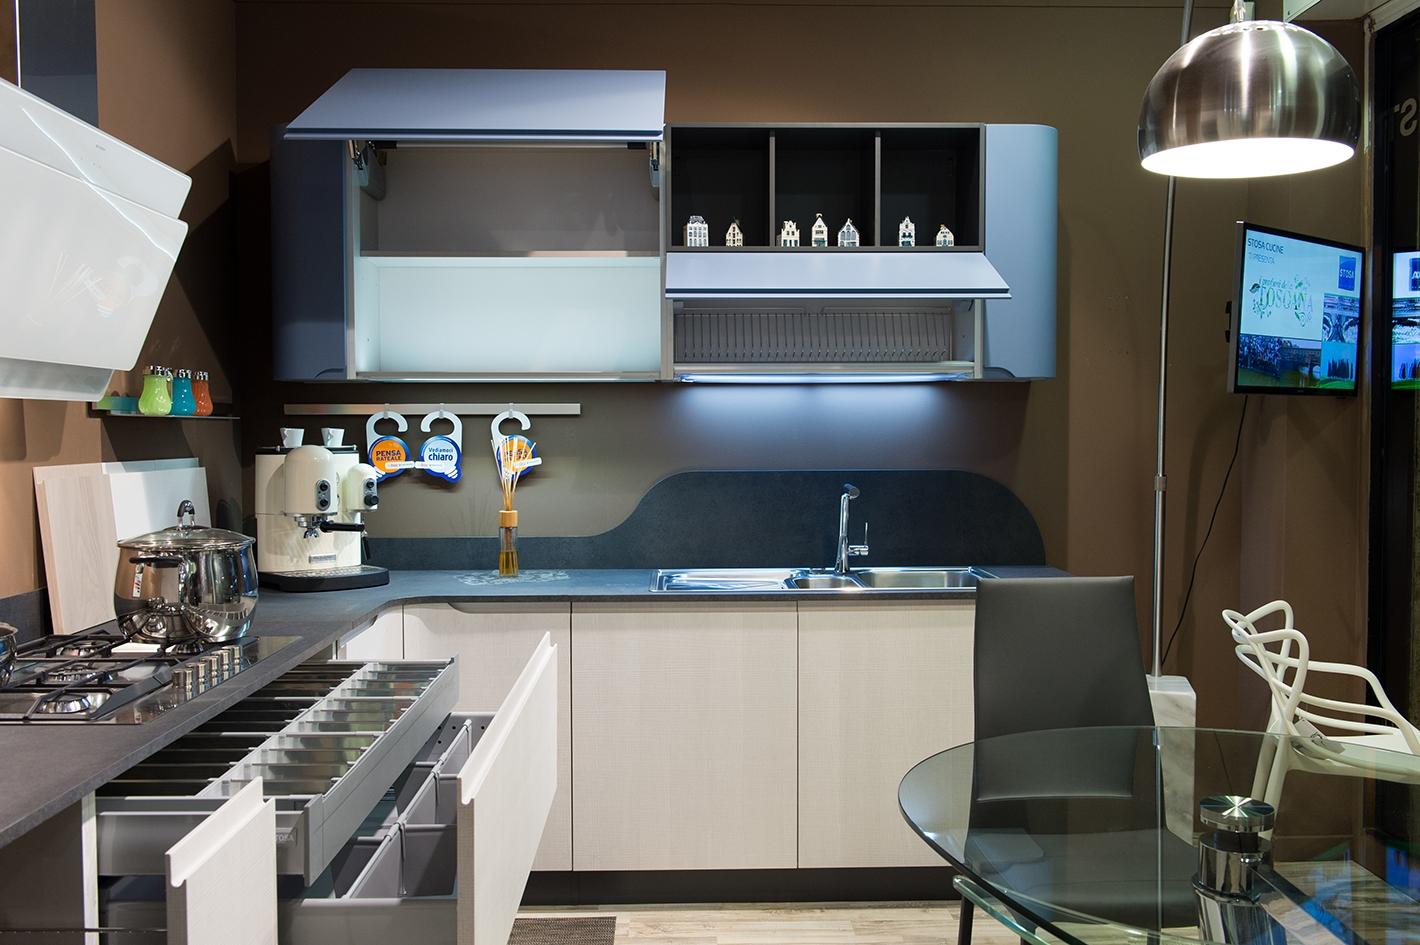 Cucina stosa mod bring completa di elettrodomestici - Cucine a ferro di cavallo ...